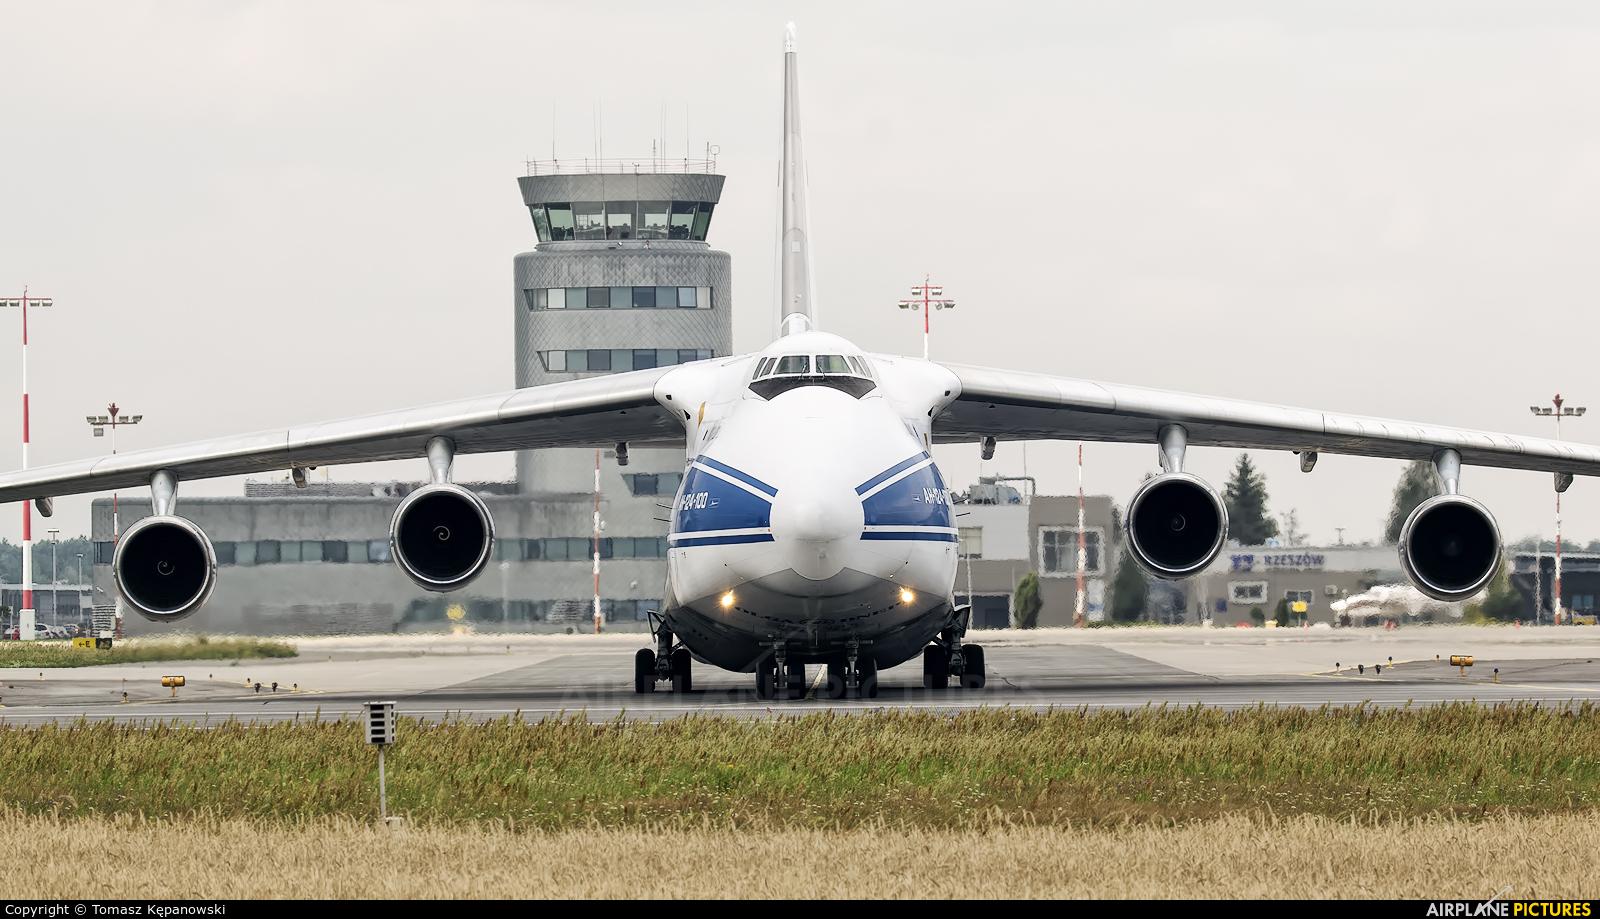 Volga Dnepr Airlines RA-82046 aircraft at Rzeszów-Jasionka